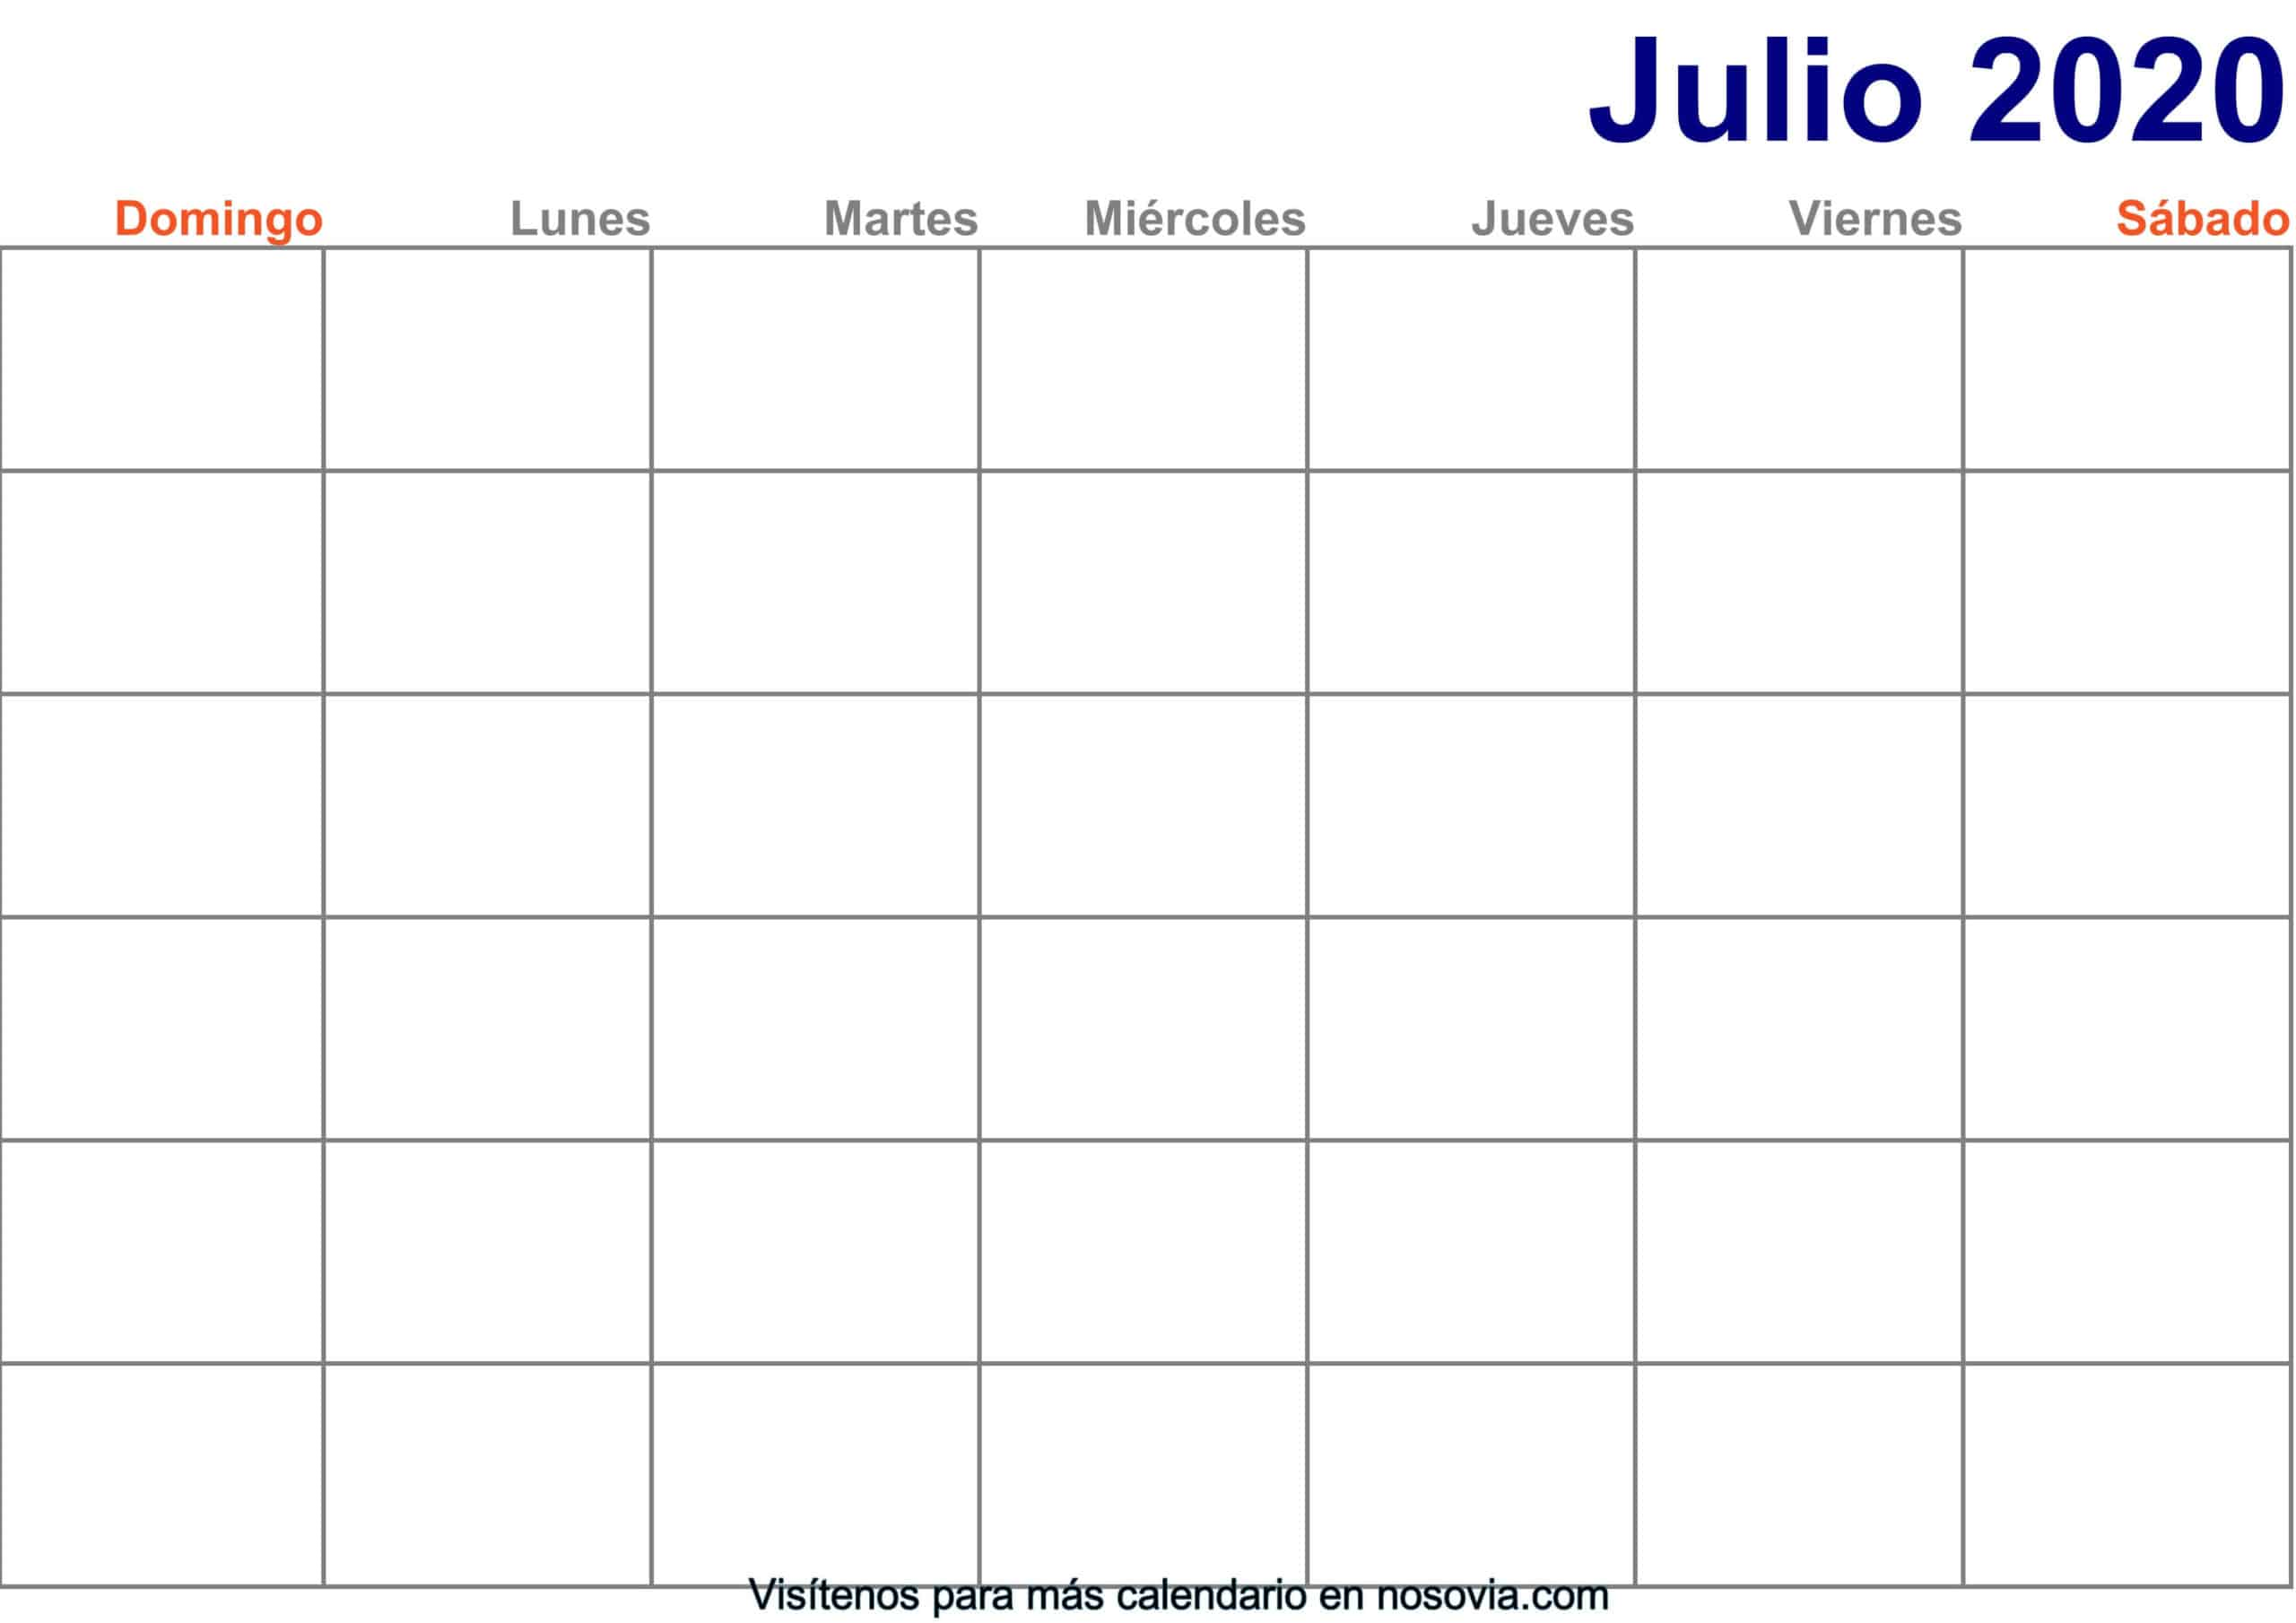 Calendario-julio-2020-en-blanco-Imprimir-gratis